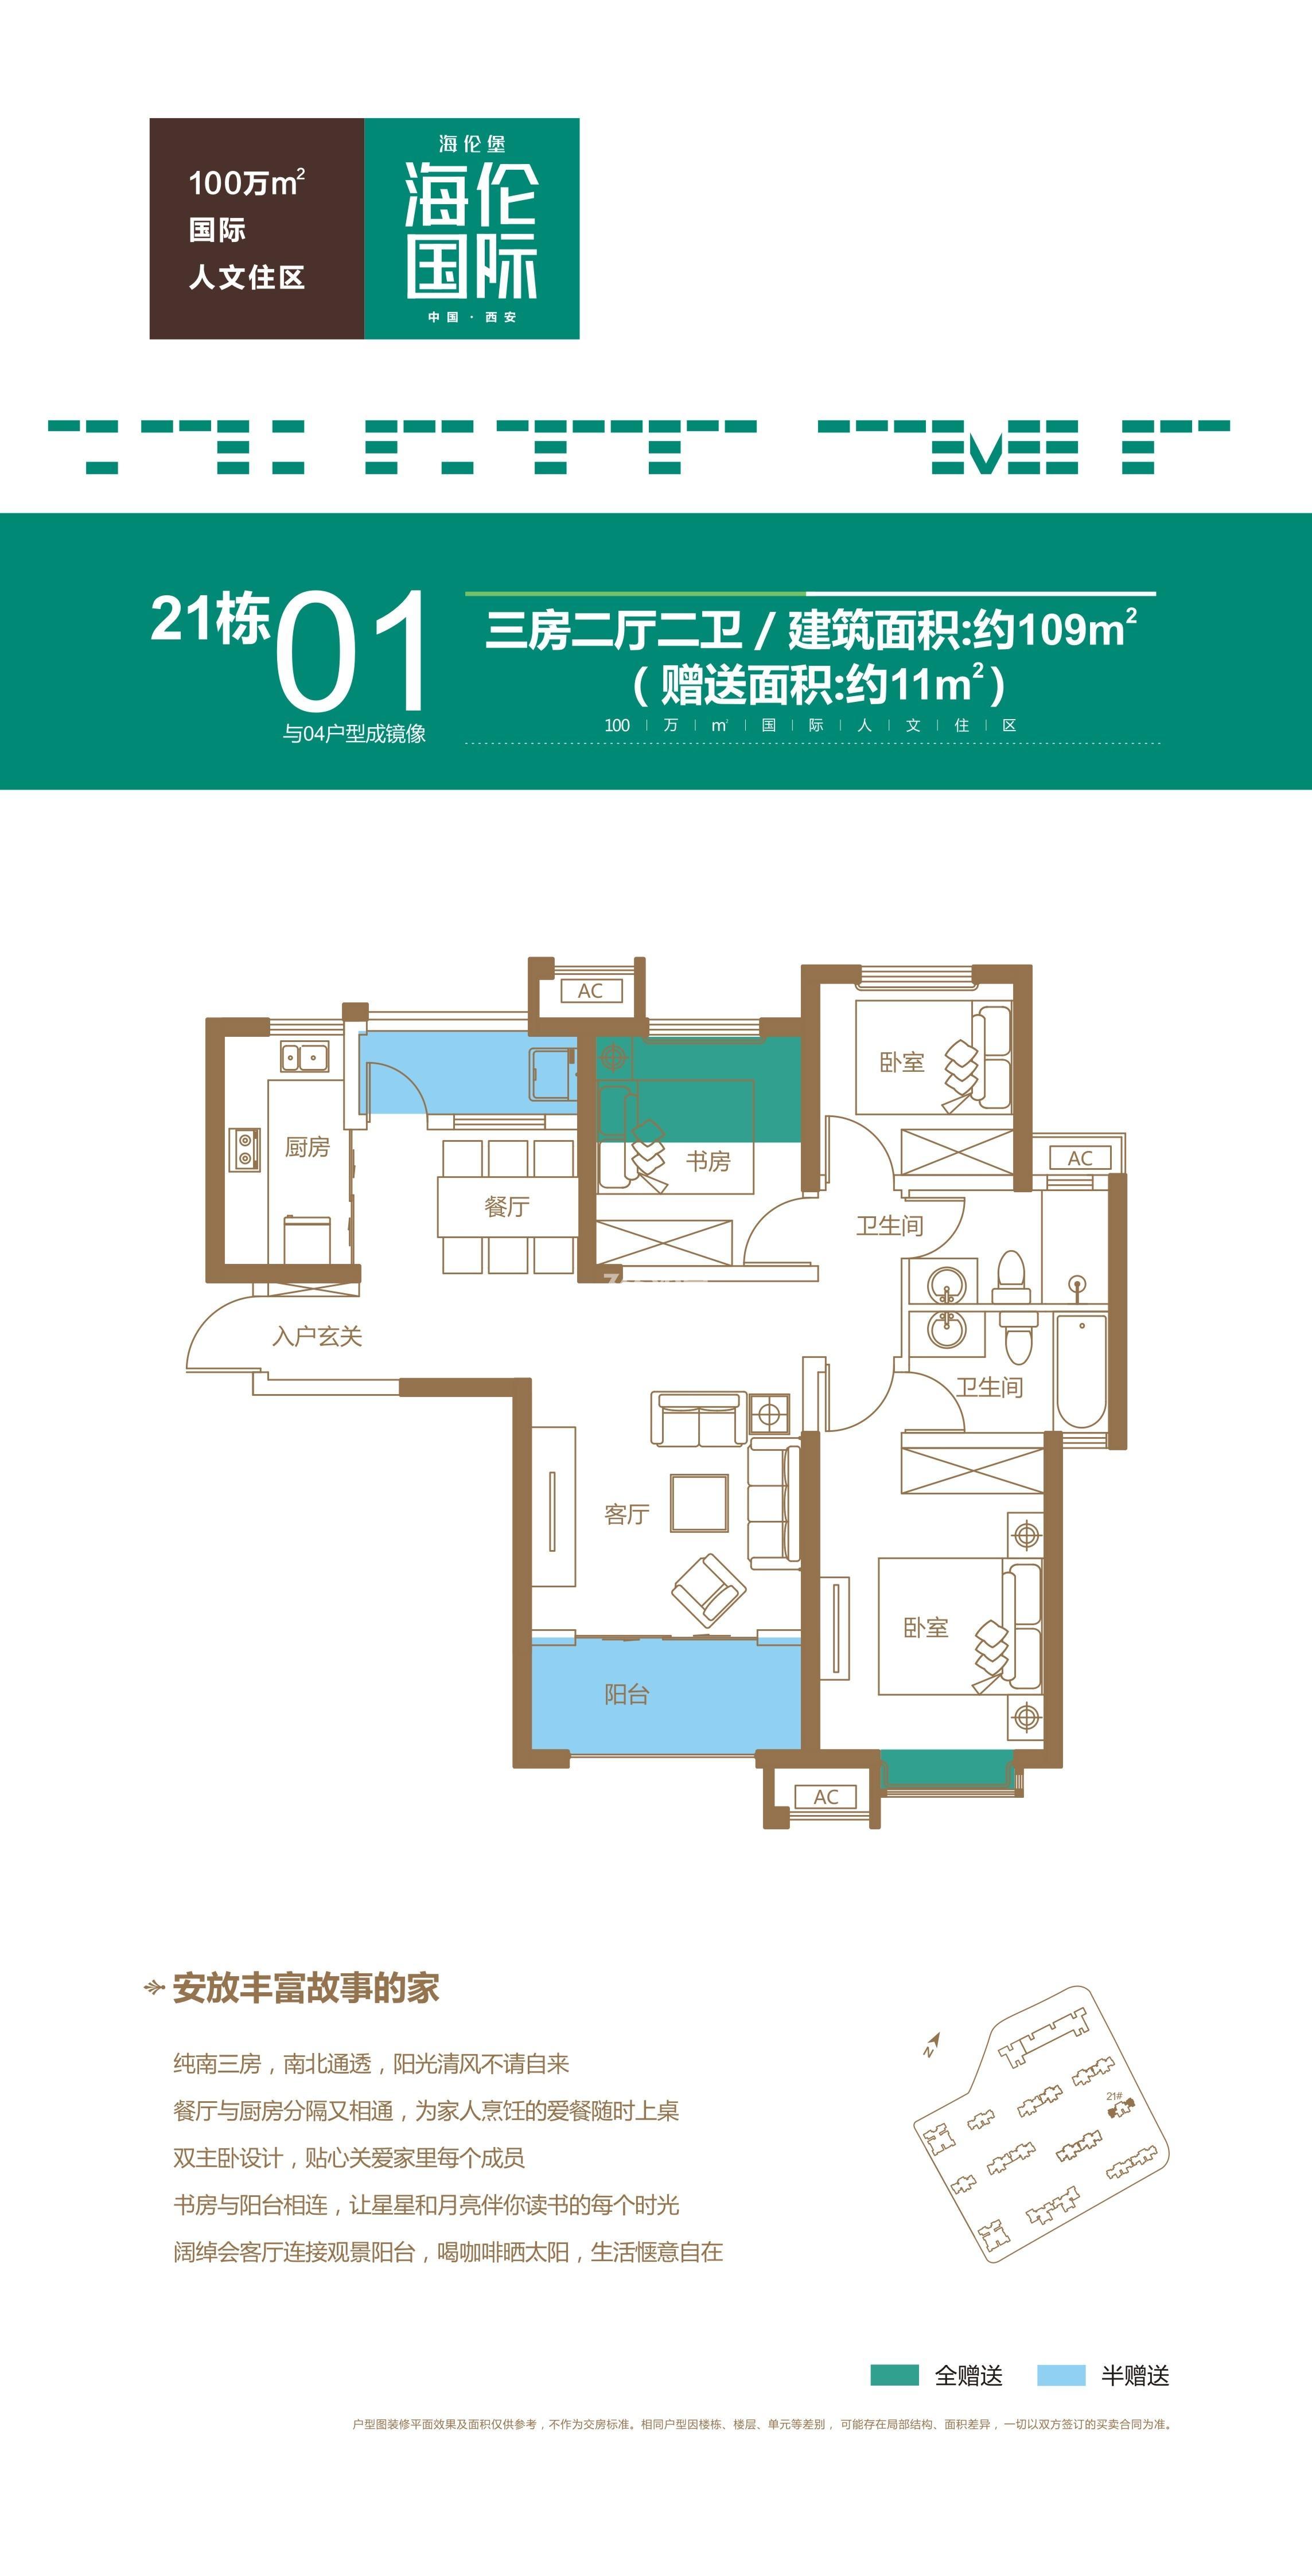 海伦国际21栋01三室两厅两卫109平米户型图